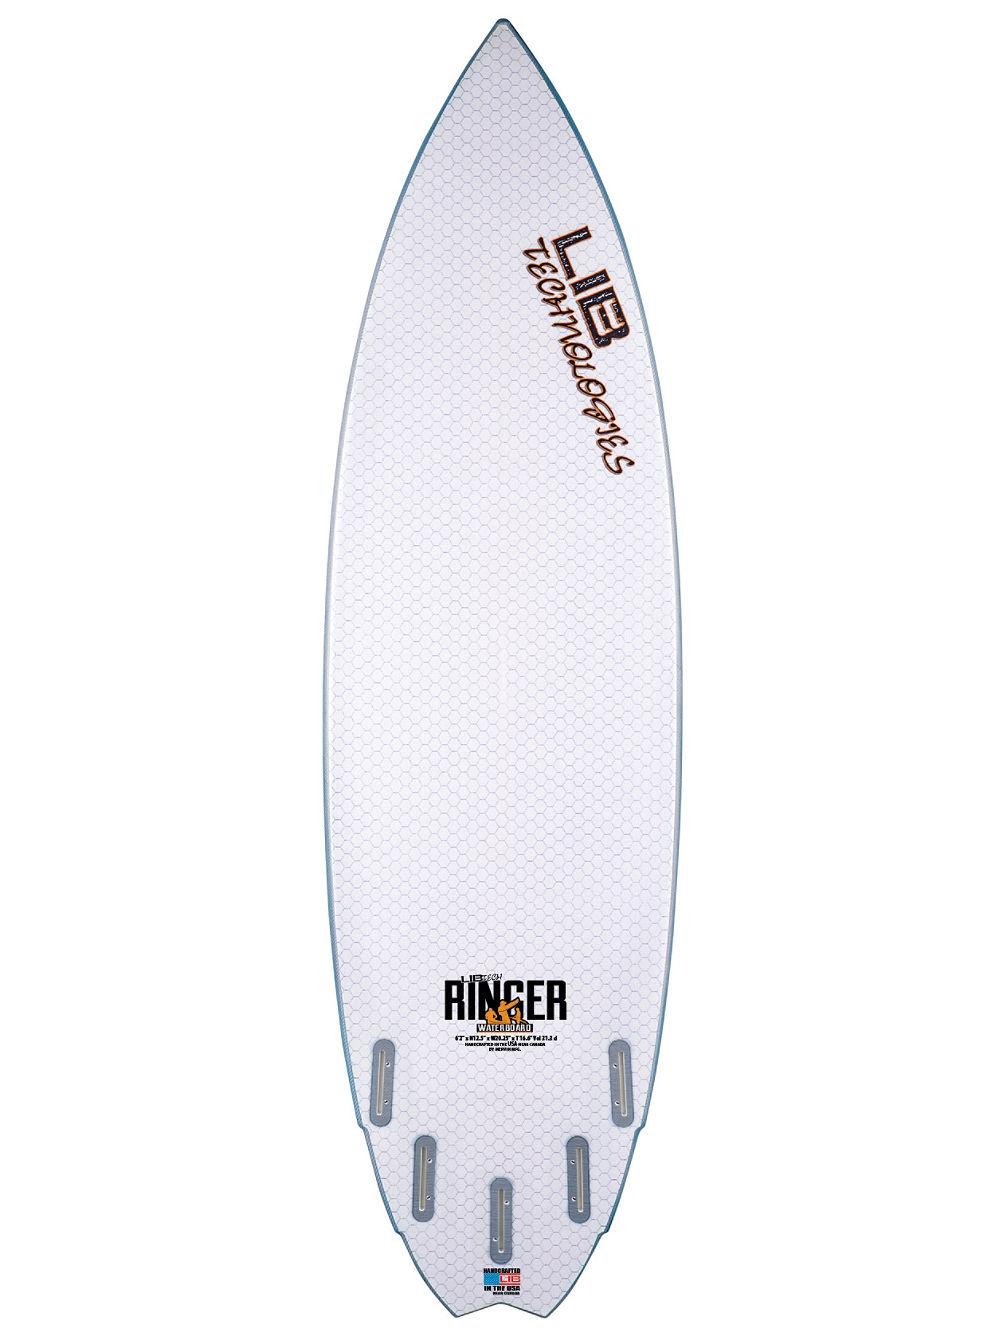 Compra lib tech ringer 6 39 0 5 fin logo tavola da surf - Misure tavole da surf ...